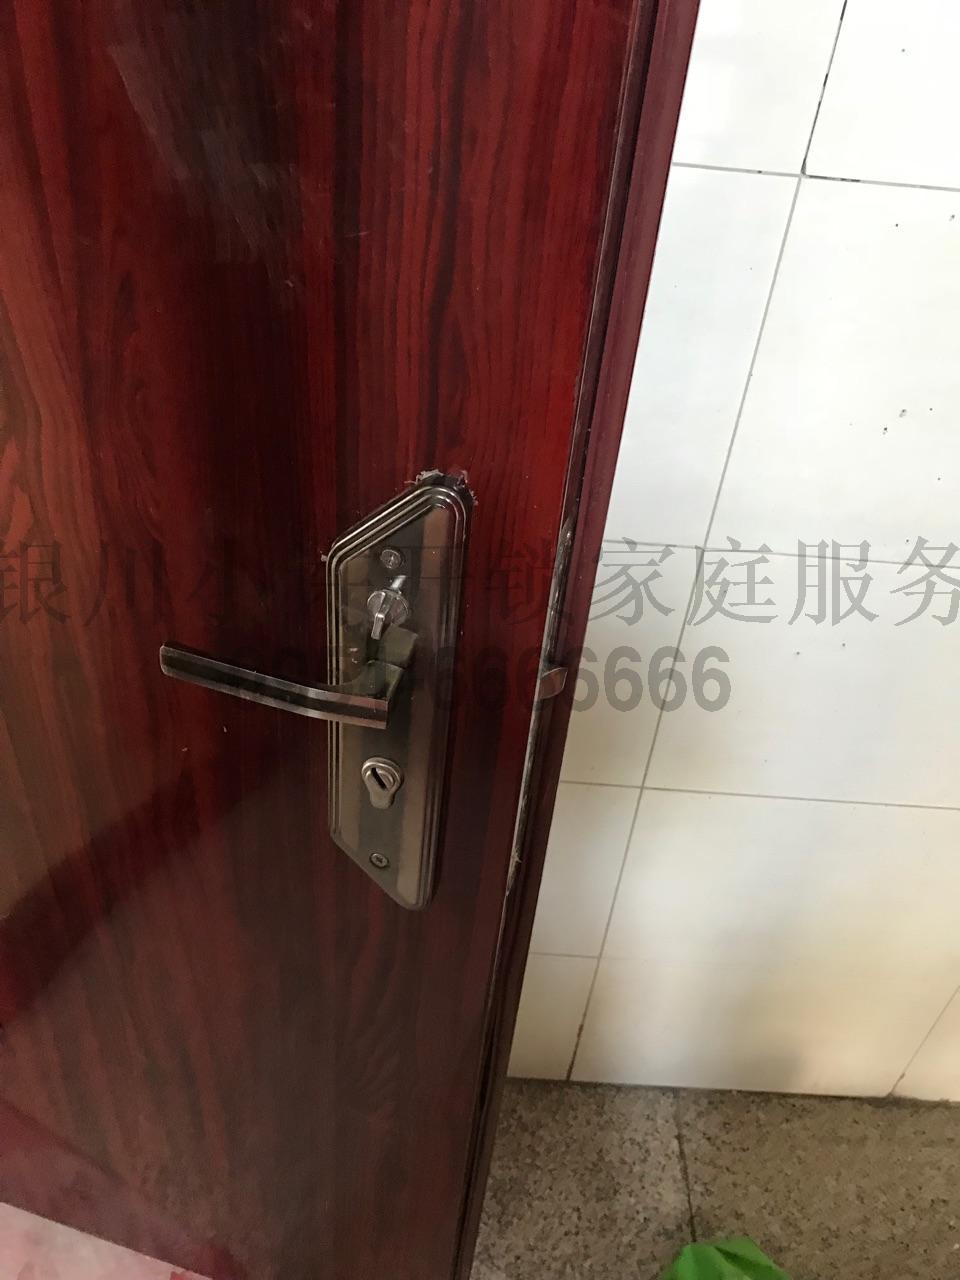 换锁芯_就换C级进口锁芯